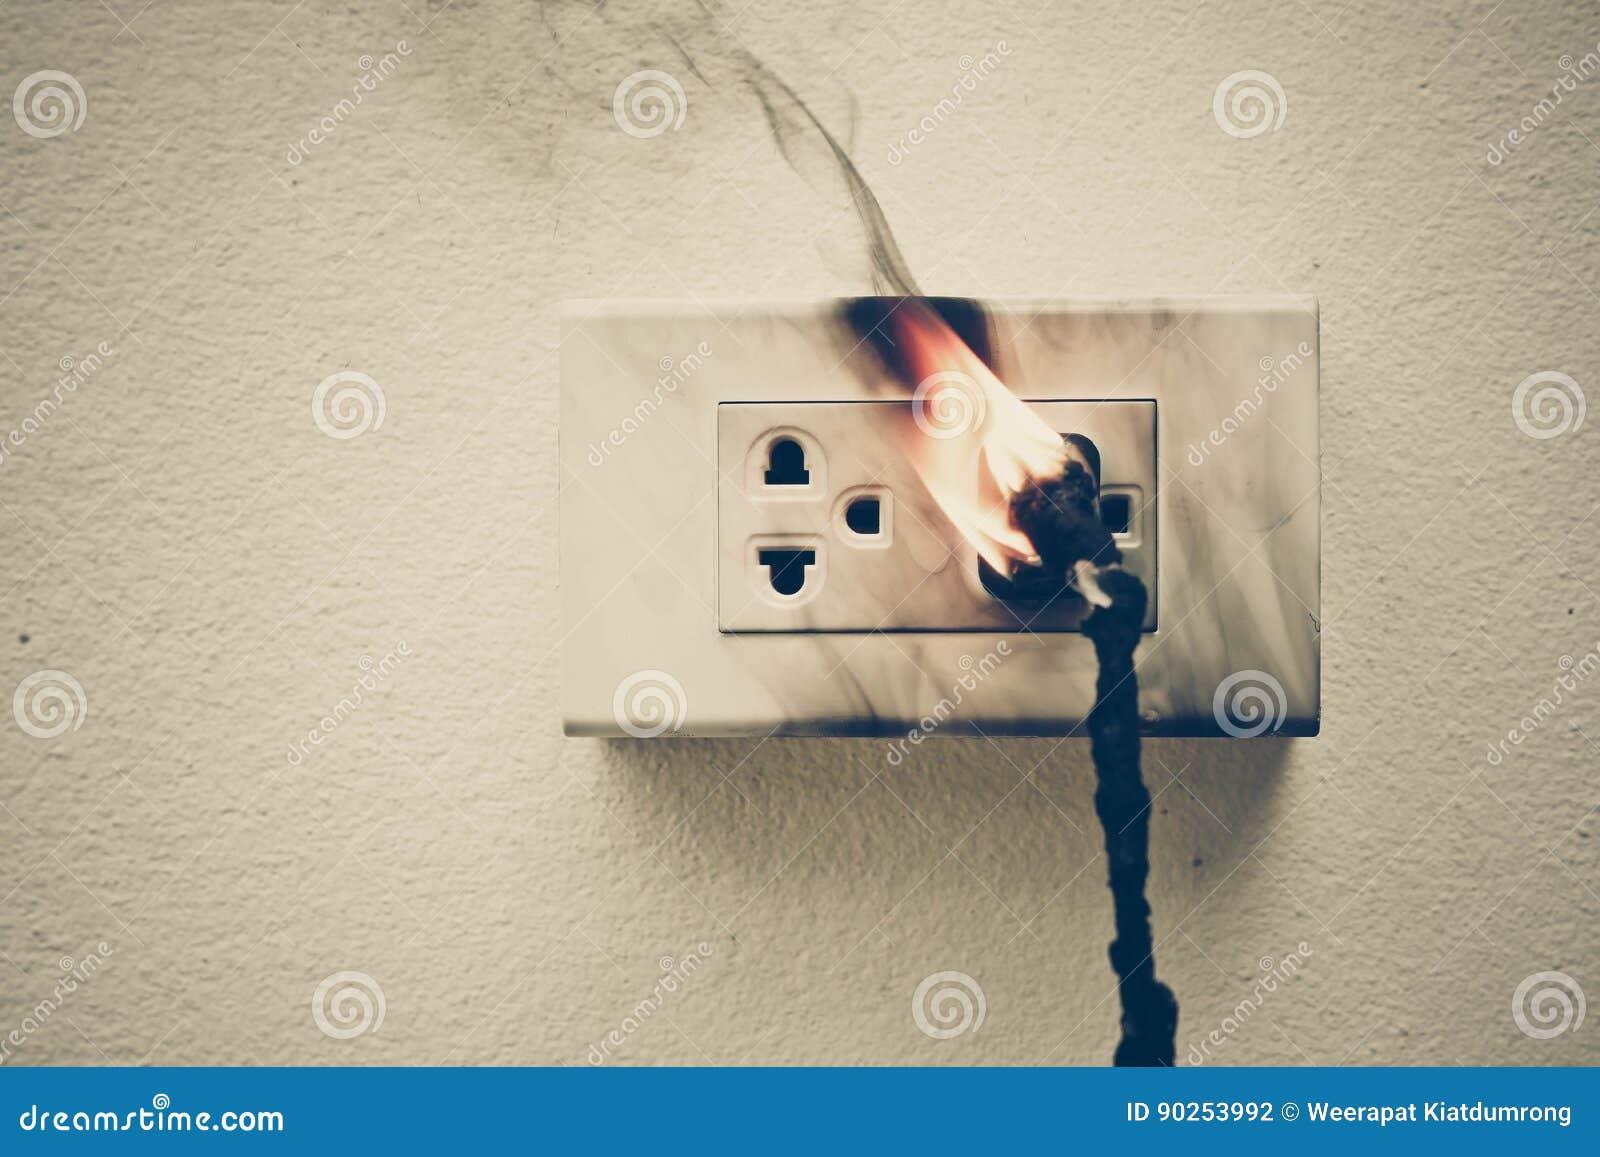 Elektricitet kortsluter